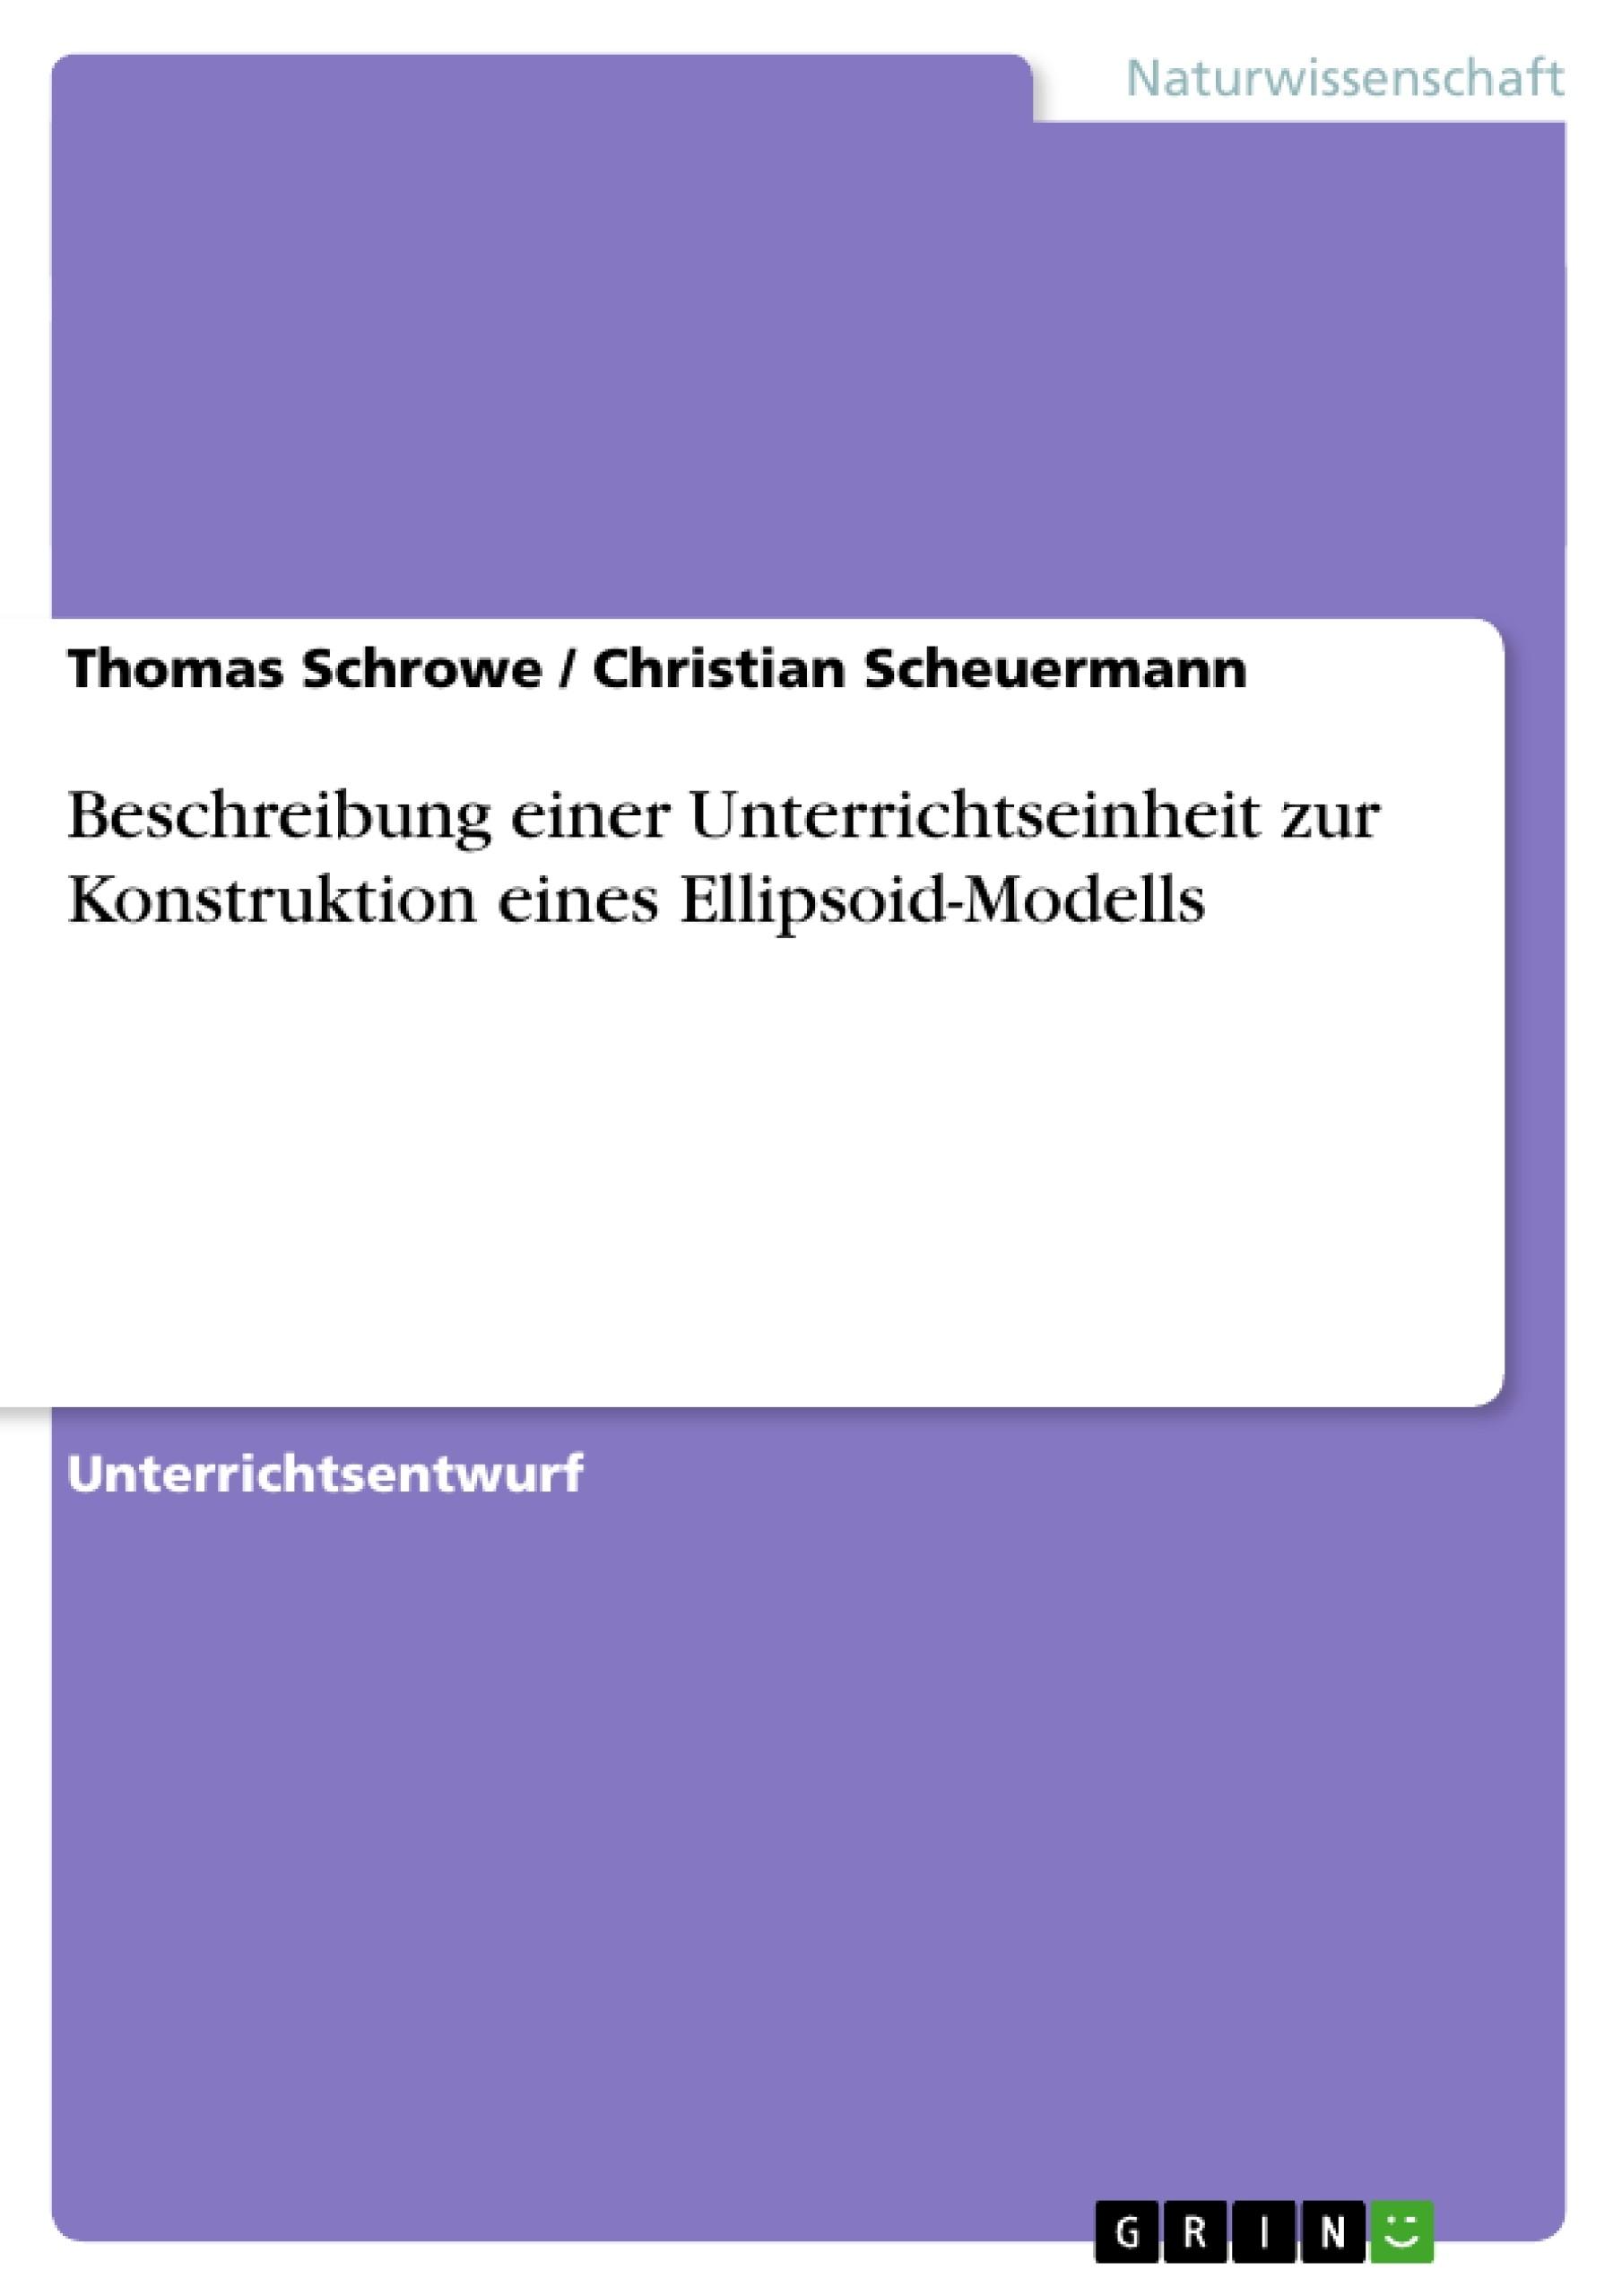 Titel: Beschreibung einer Unterrichtseinheit zur Konstruktion eines Ellipsoid-Modells